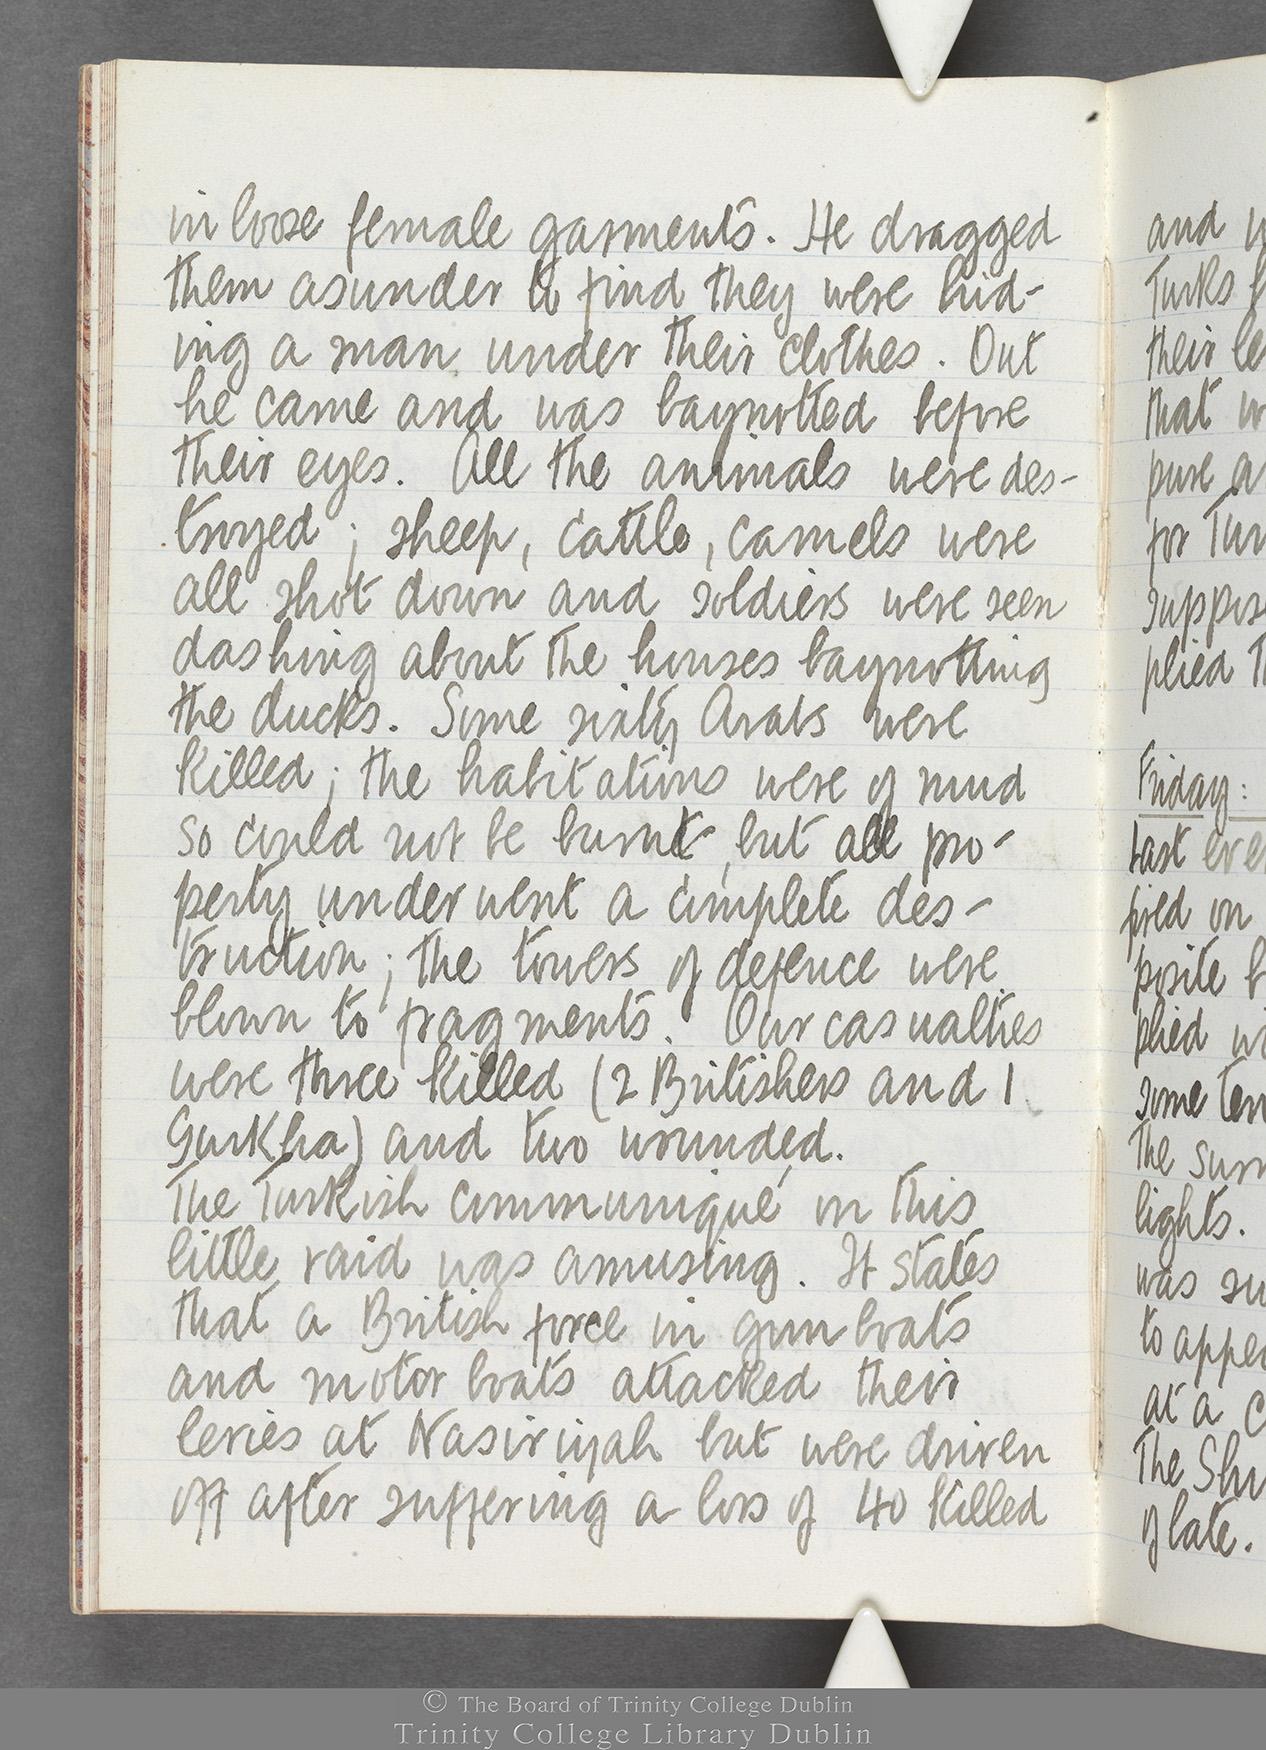 TCD MS 10516 folio 16 verso